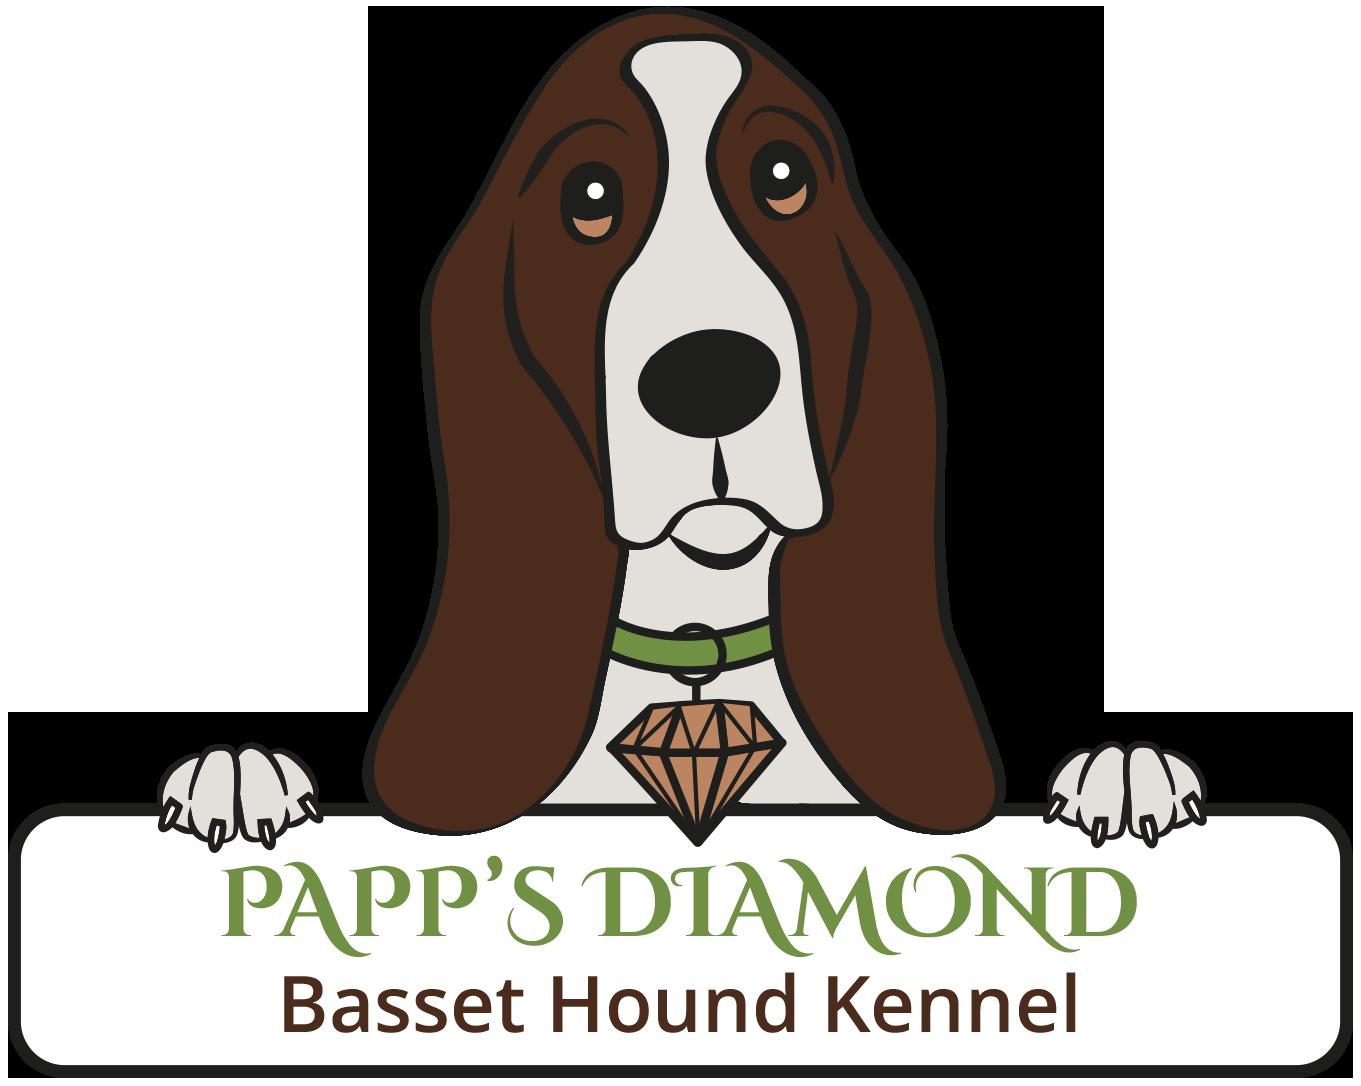 PAPPS DIAMOND